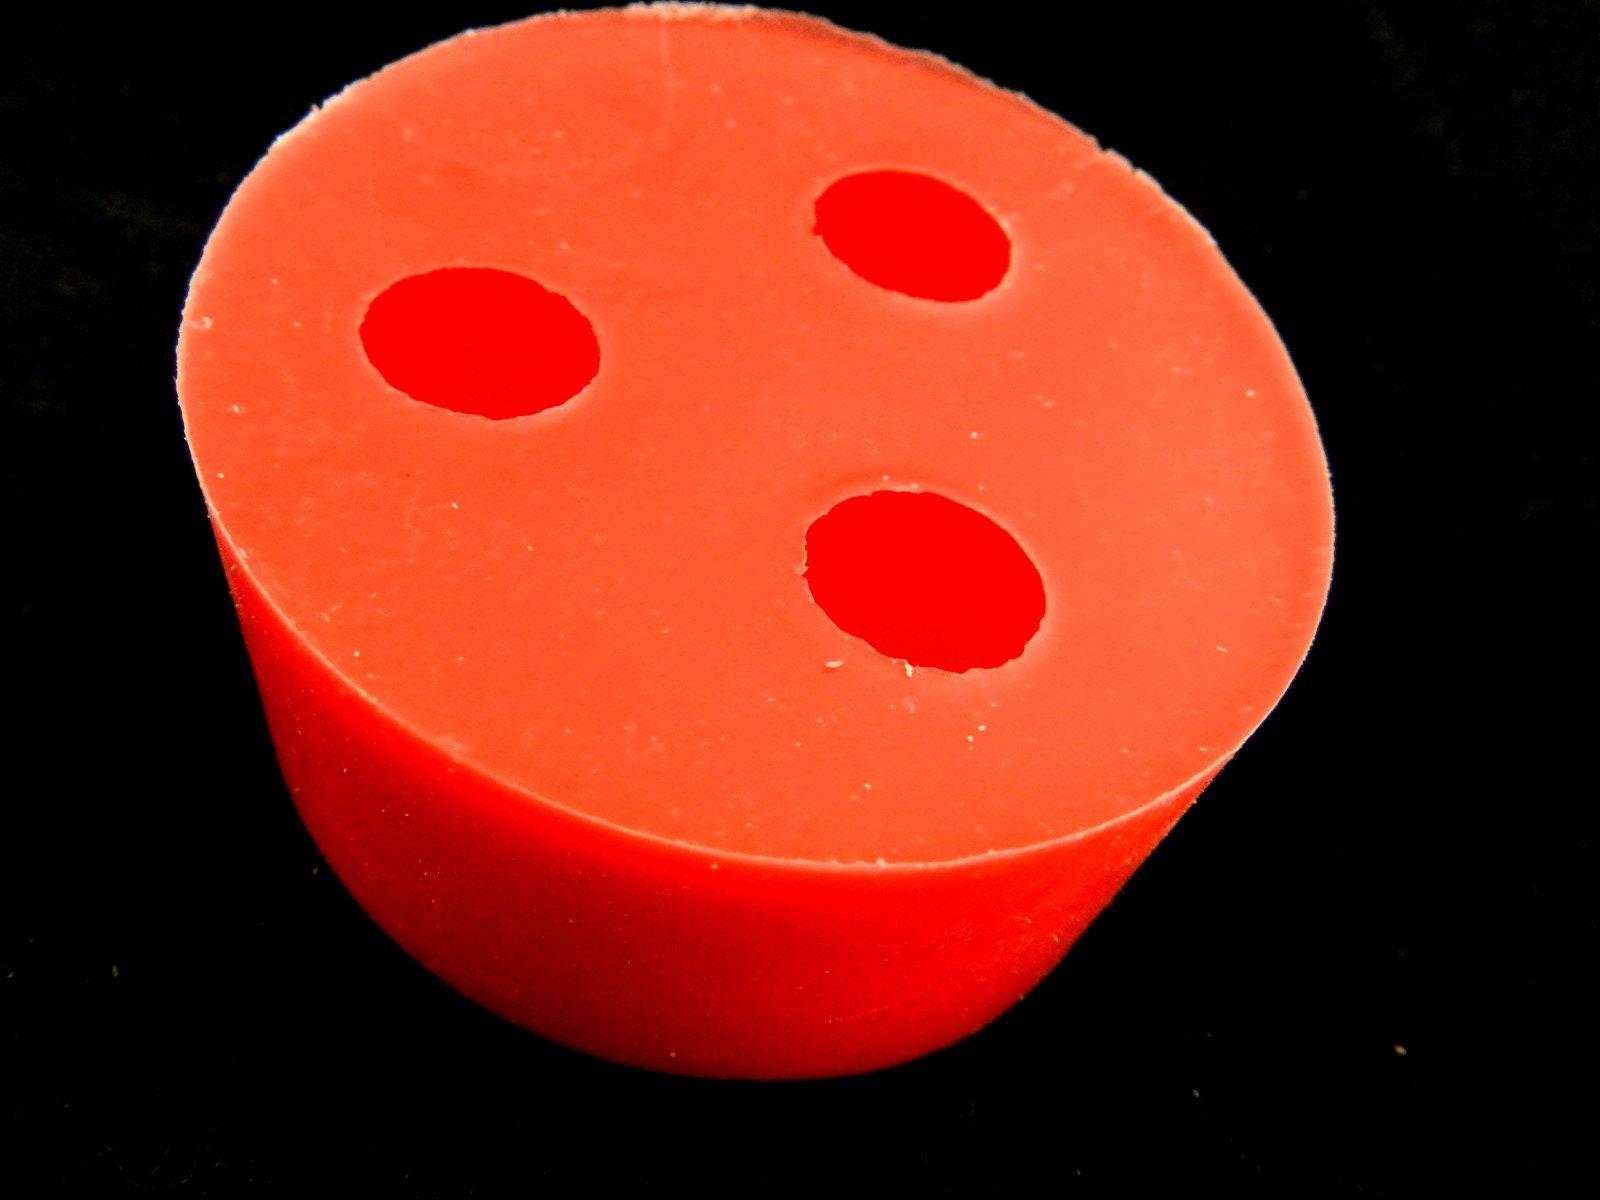 3D moule Silikonform3x 25 mm silicone de la balle balle balle pour moule de résine de confection de bijoux pendentif boule de jwelry moule résine moule boule résine forme 4d975f